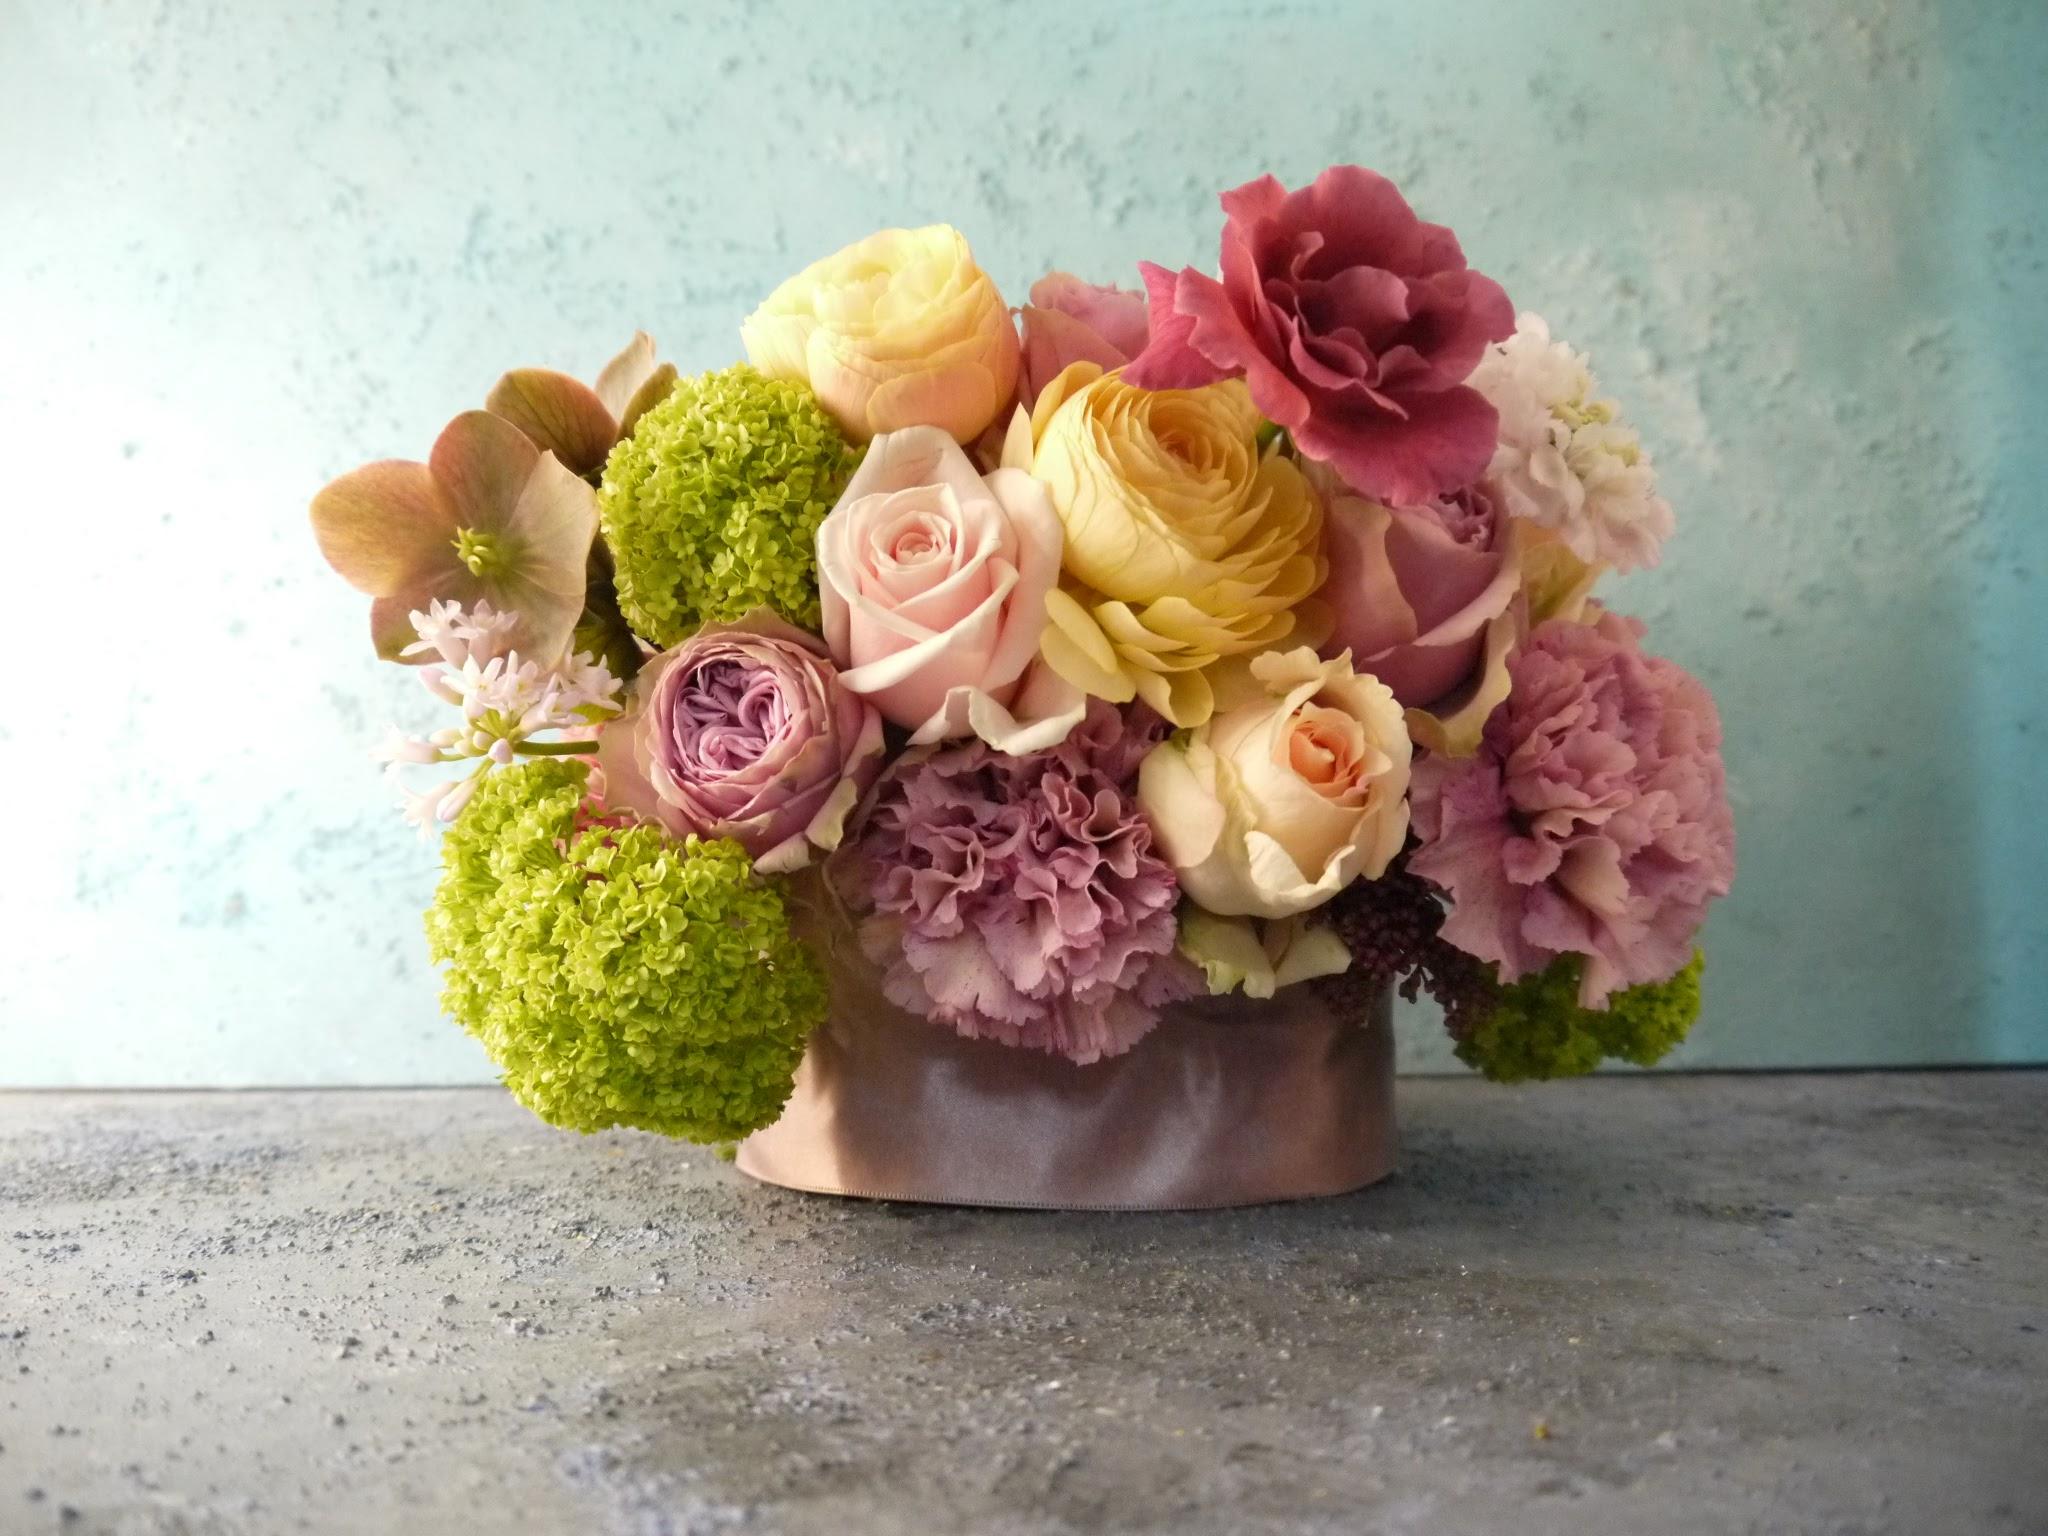 2月20日花と写真のレッスン 一日教室おつかれさまでした!_a0042928_9134756.jpg